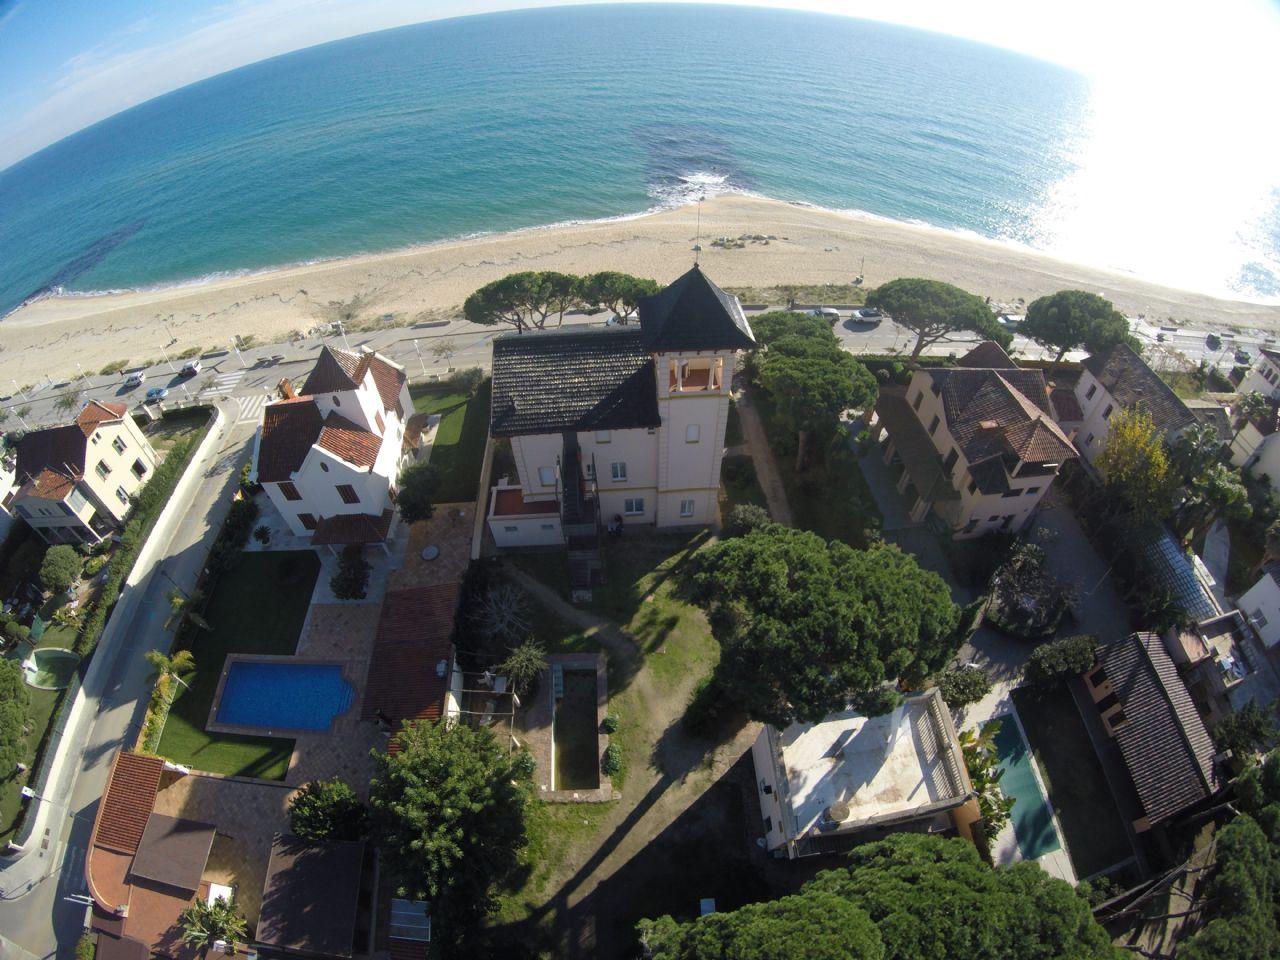 Villa de Lujo en Sant Vicenç de Montalt, Paseo Marques Casa Riera, venta